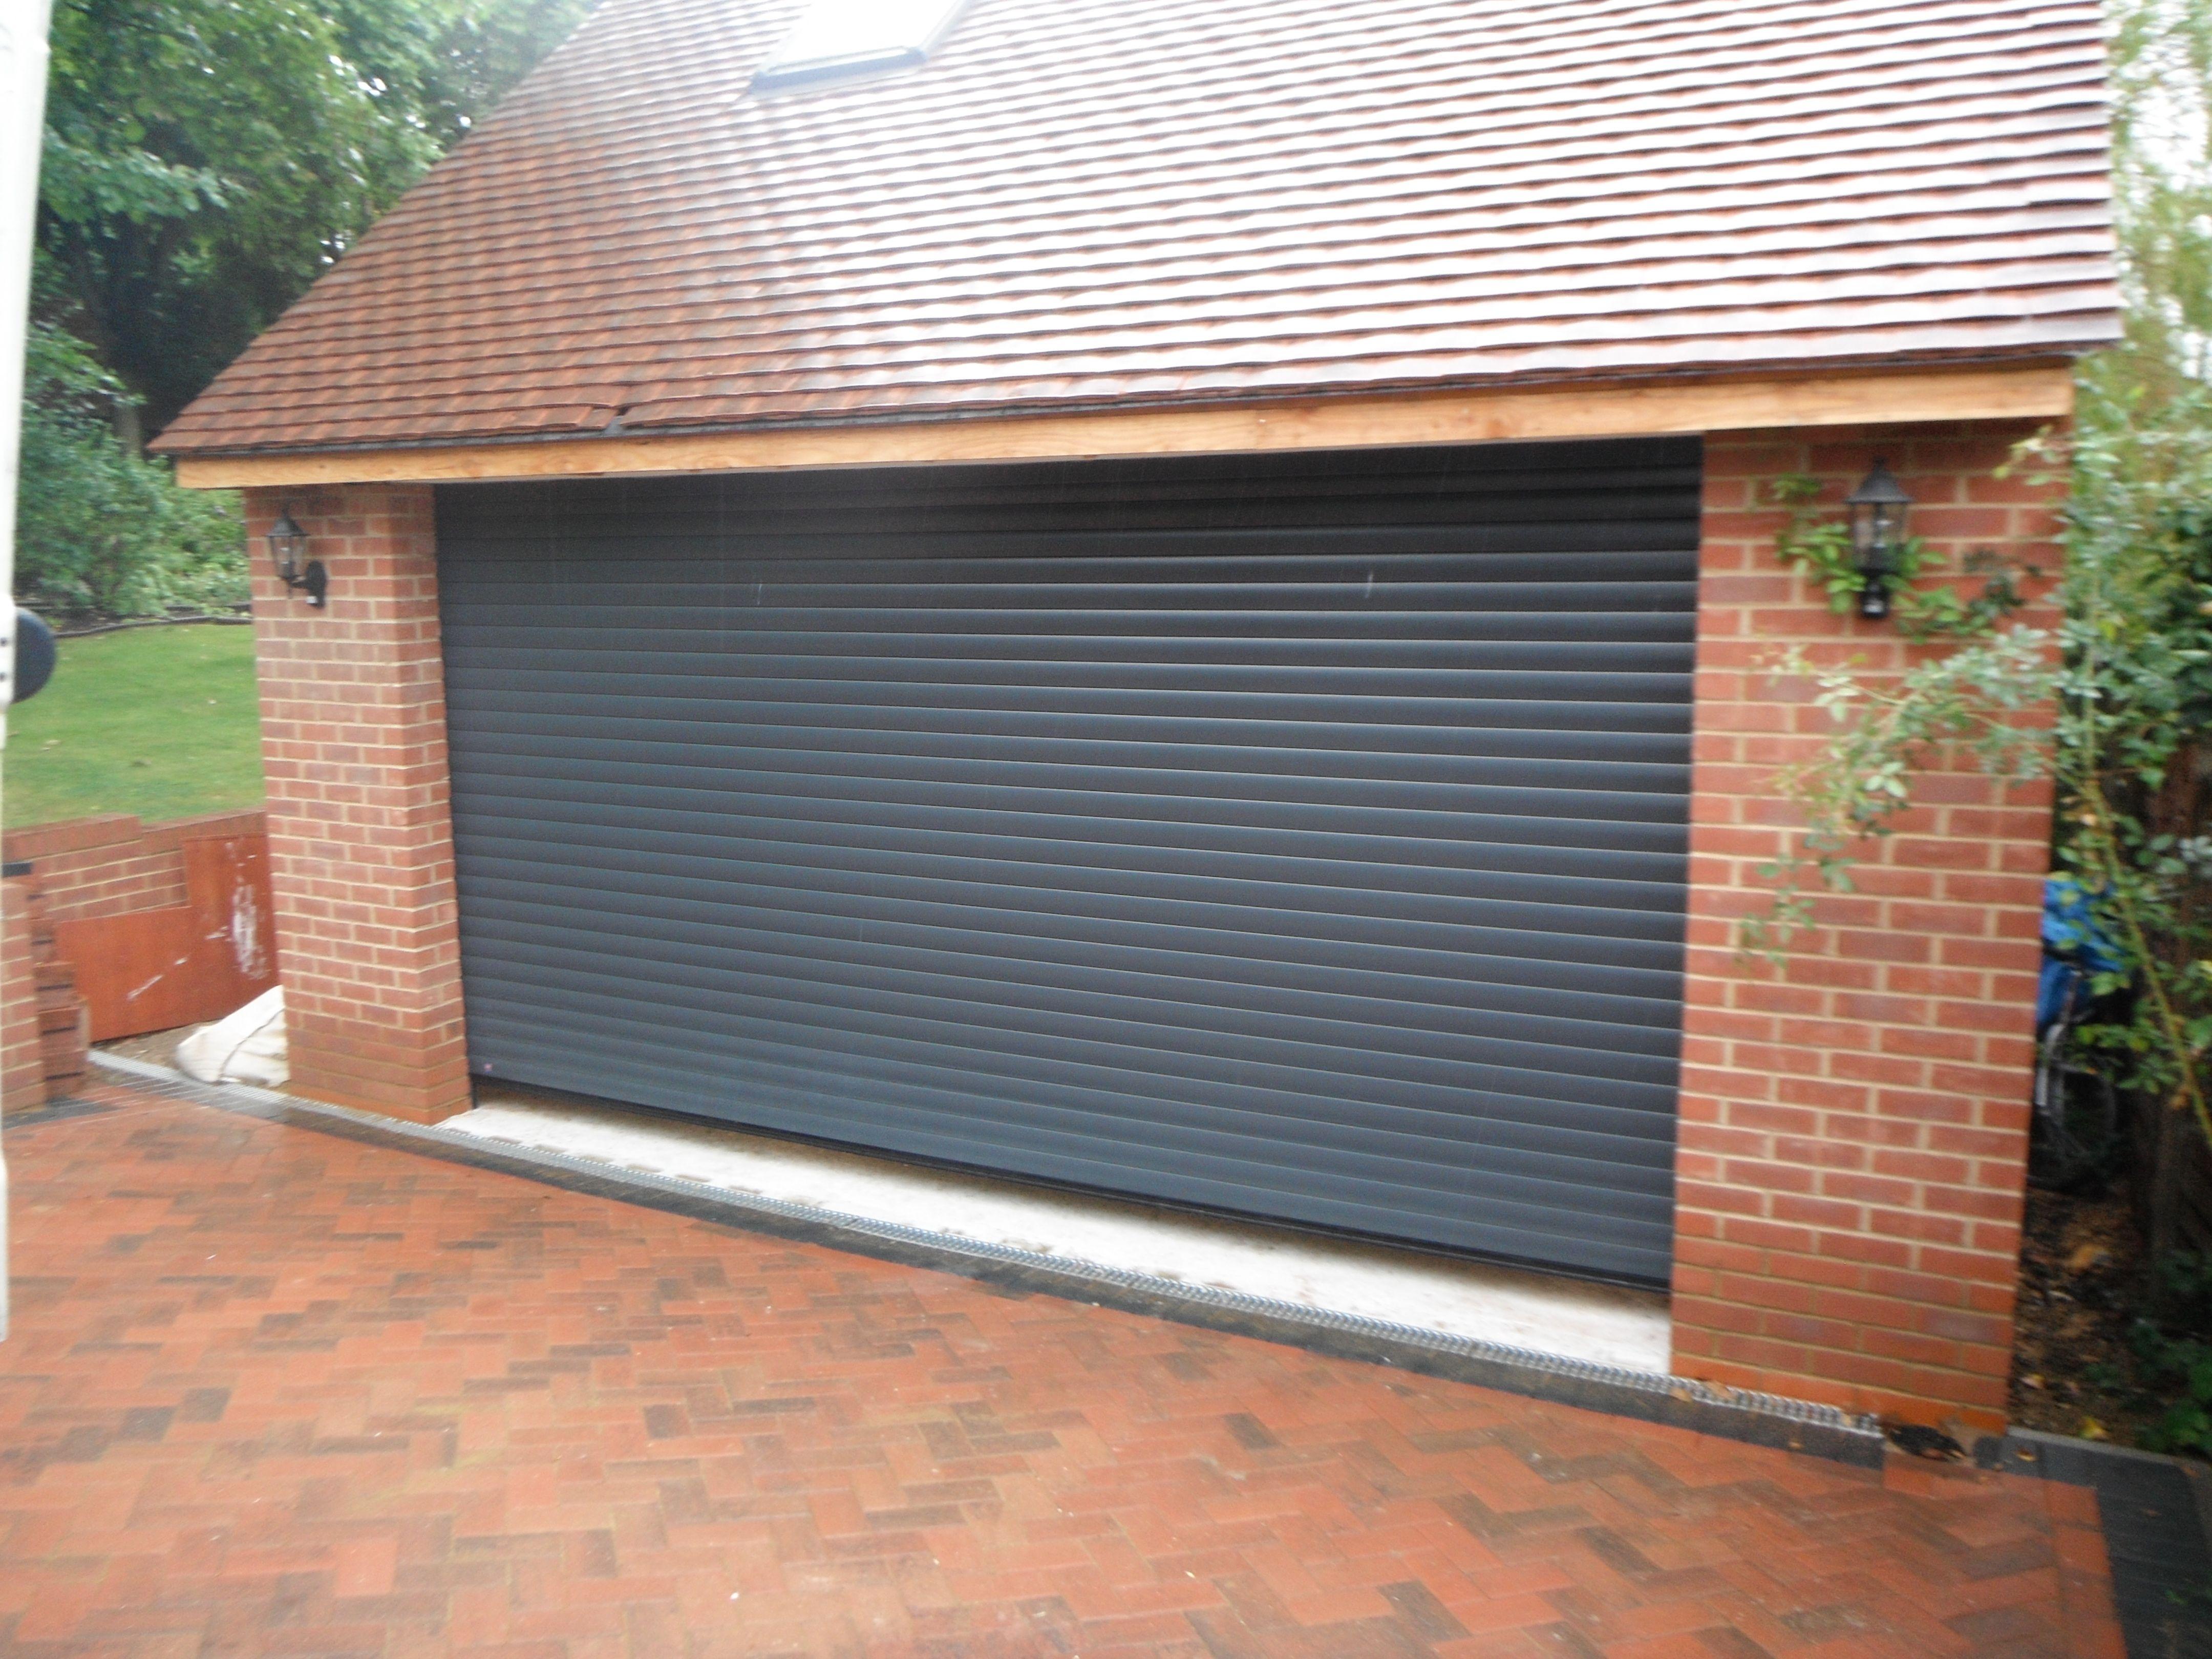 Hormann rollmatic in anthracite grey garage door garage doors hormann rollmatic in anthracite grey garage door rubansaba